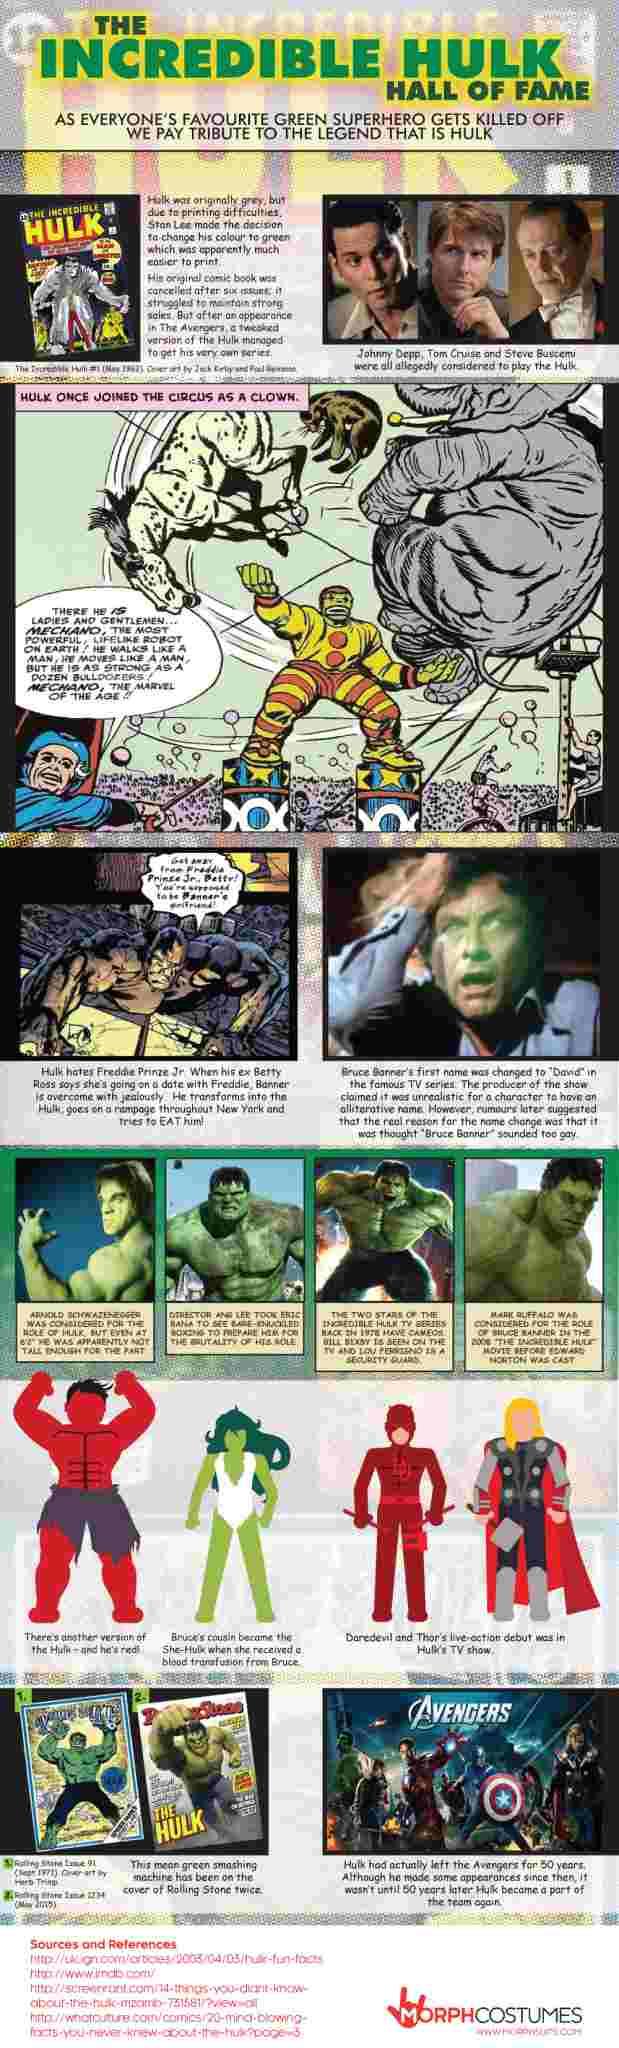 The-Incredible-Hulk-hall-of-fame-IG